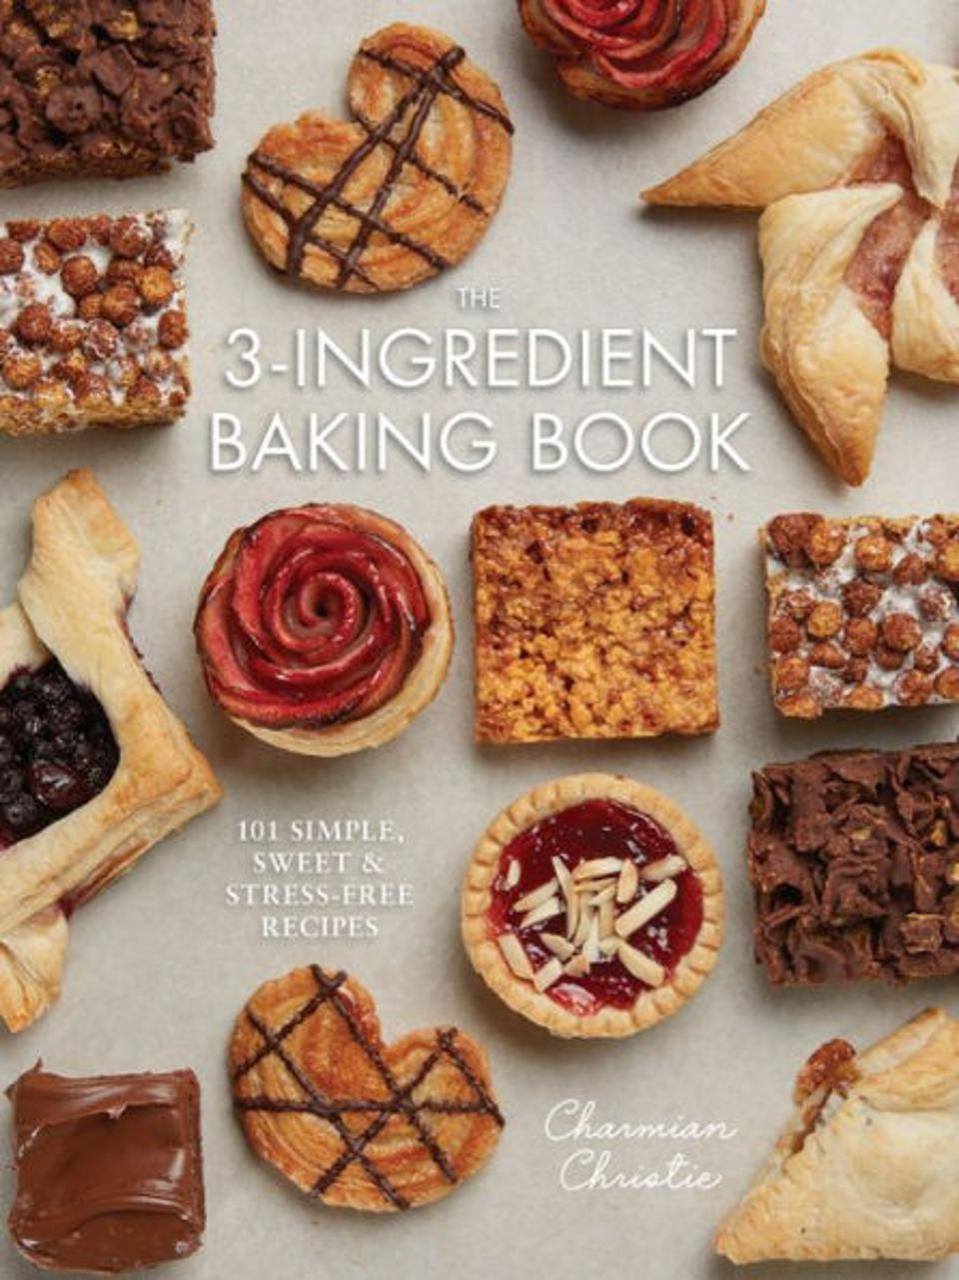 3-Ingredient Baking Book